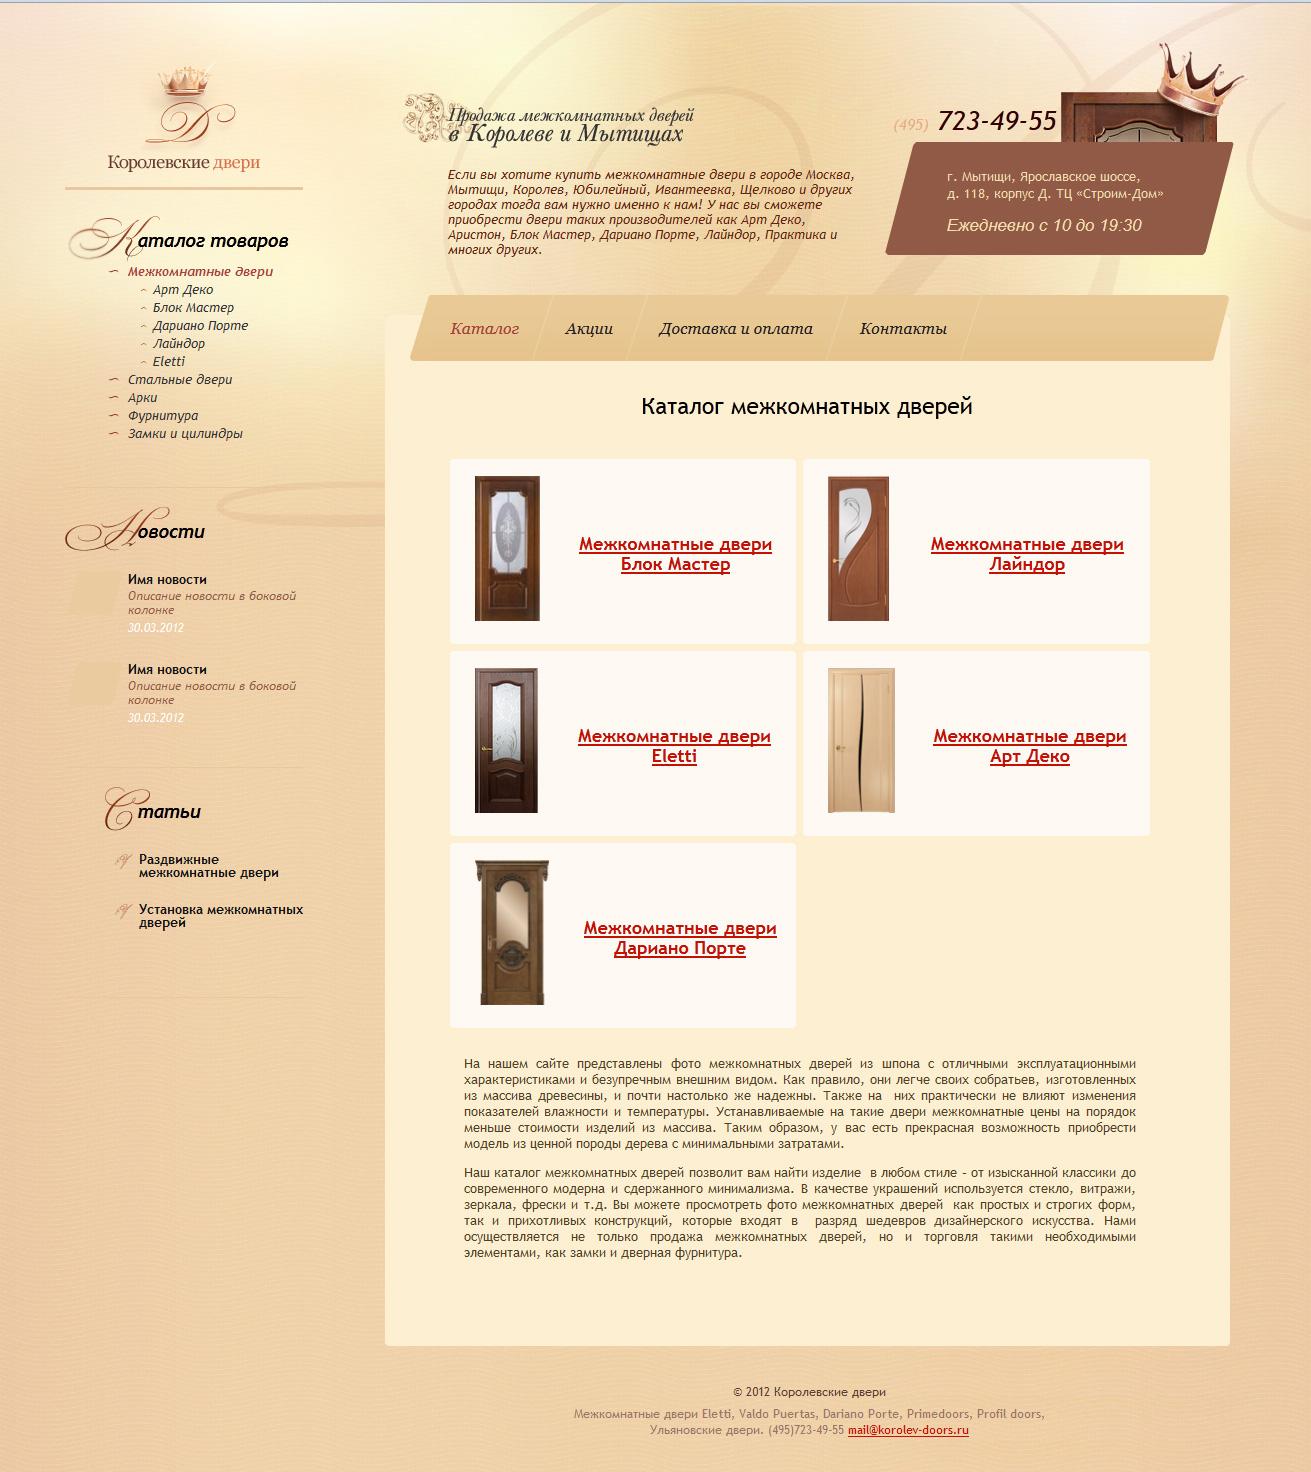 Доработки на сайте по продаже дверей и фурнитуры